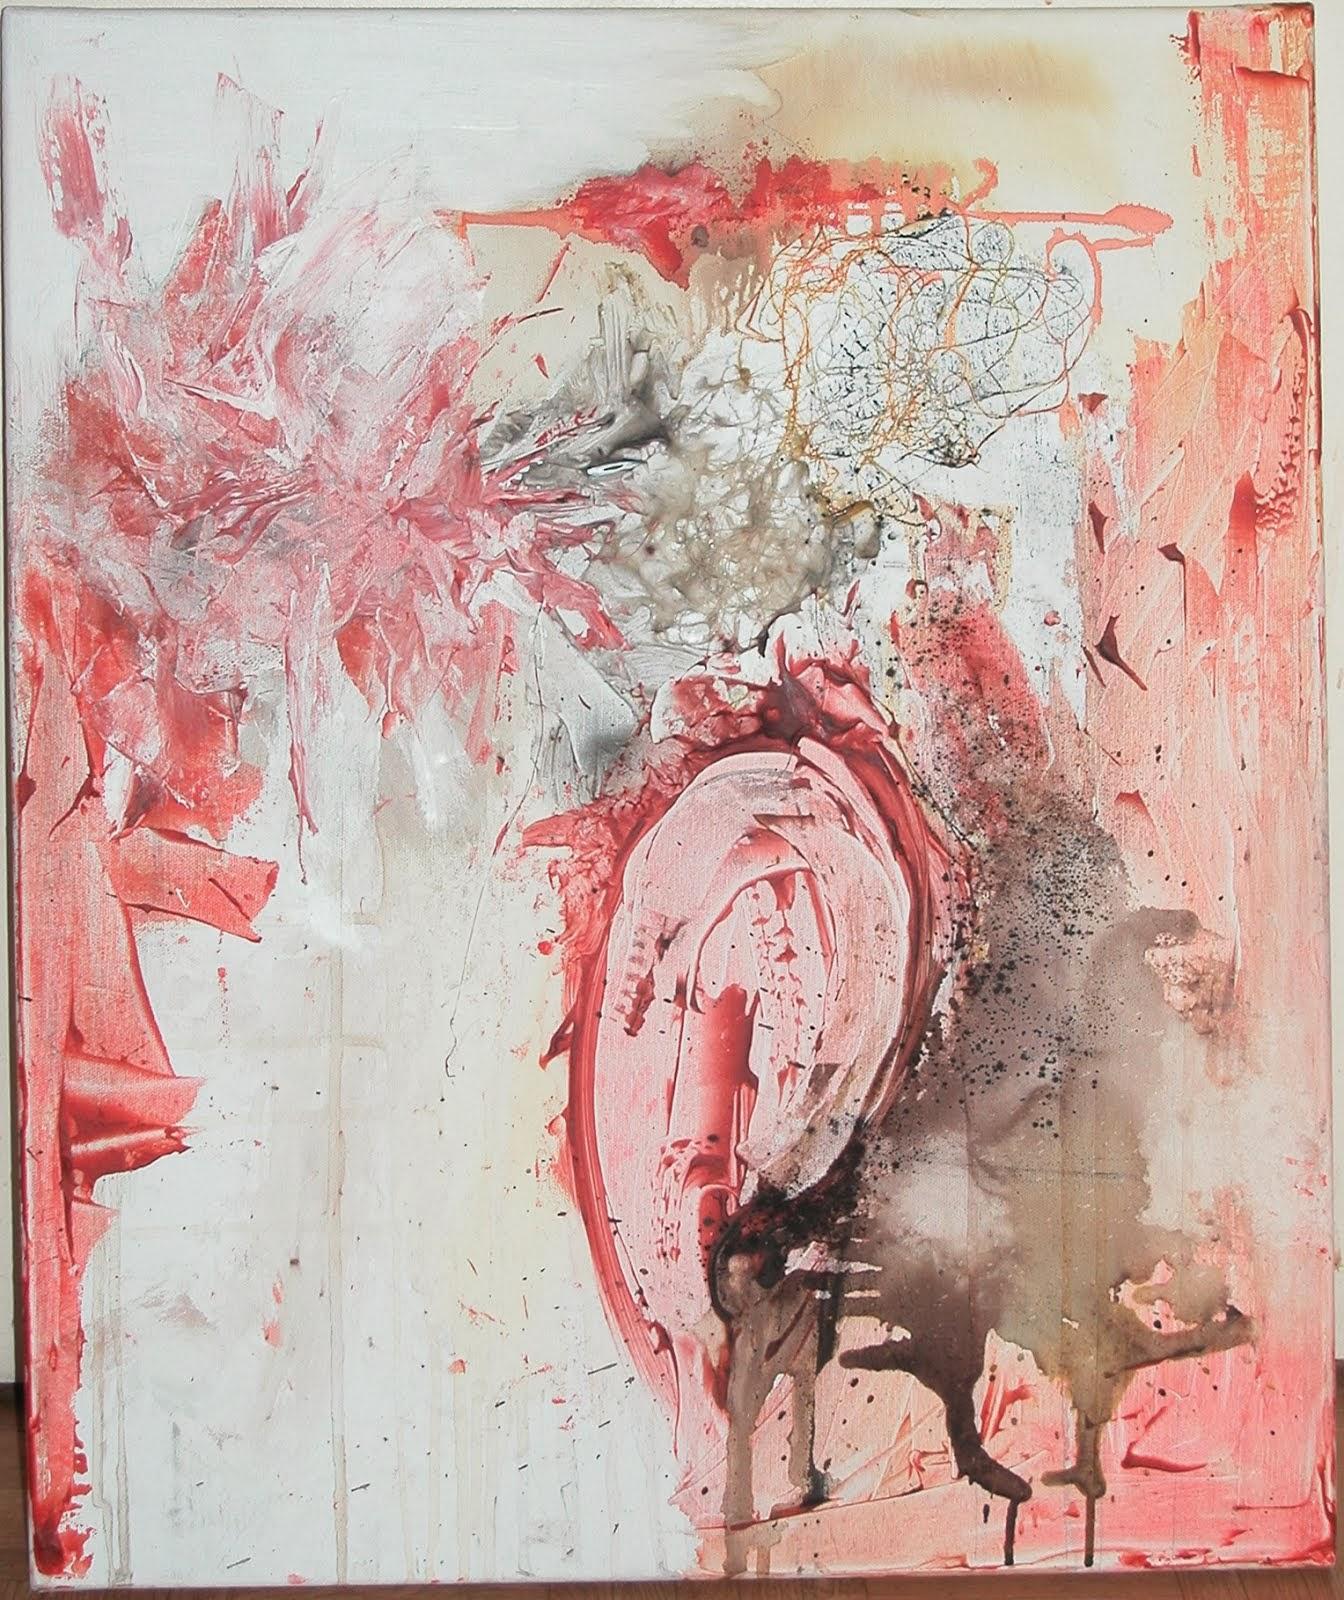 Sans titre - Pigments, colle, ficelle, encre sur toile - 2013